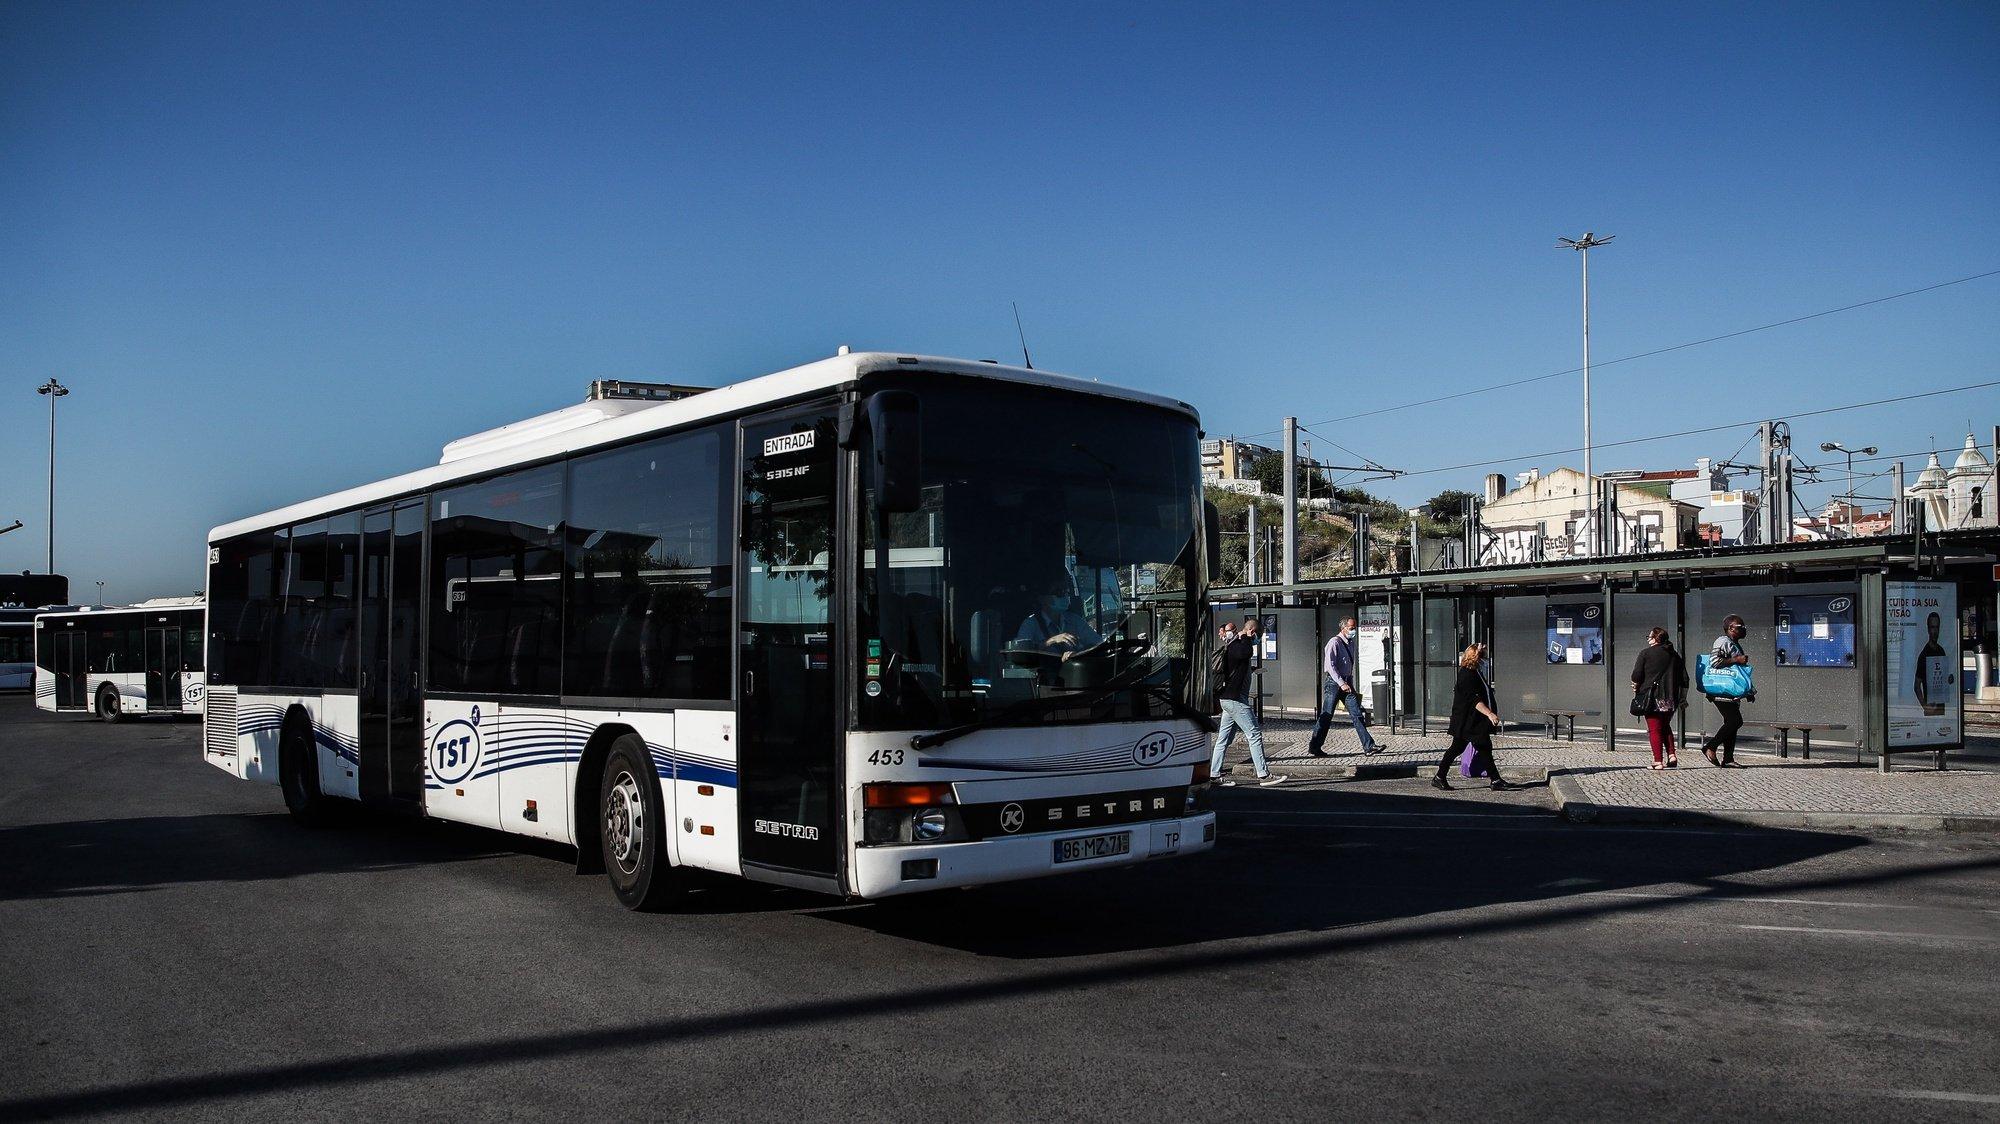 Utentes à saída de um autocarro dos Transportes Sul do Tejo (TST), em Cacilhas, Almada, 20 de maio de 2020. O transporte rodoviário foi reforçado com a entrada do segunda fase do desconfinamento devido à pandemia da covid-19, apesar disso as carreiras continuam com poucas pessoas o que contrasta com a grande utilização dos transportes fluviais da Transtejo/Soflusa. (ACOMPANHA TEXTO). MÁRIO CRUZ/LUSA